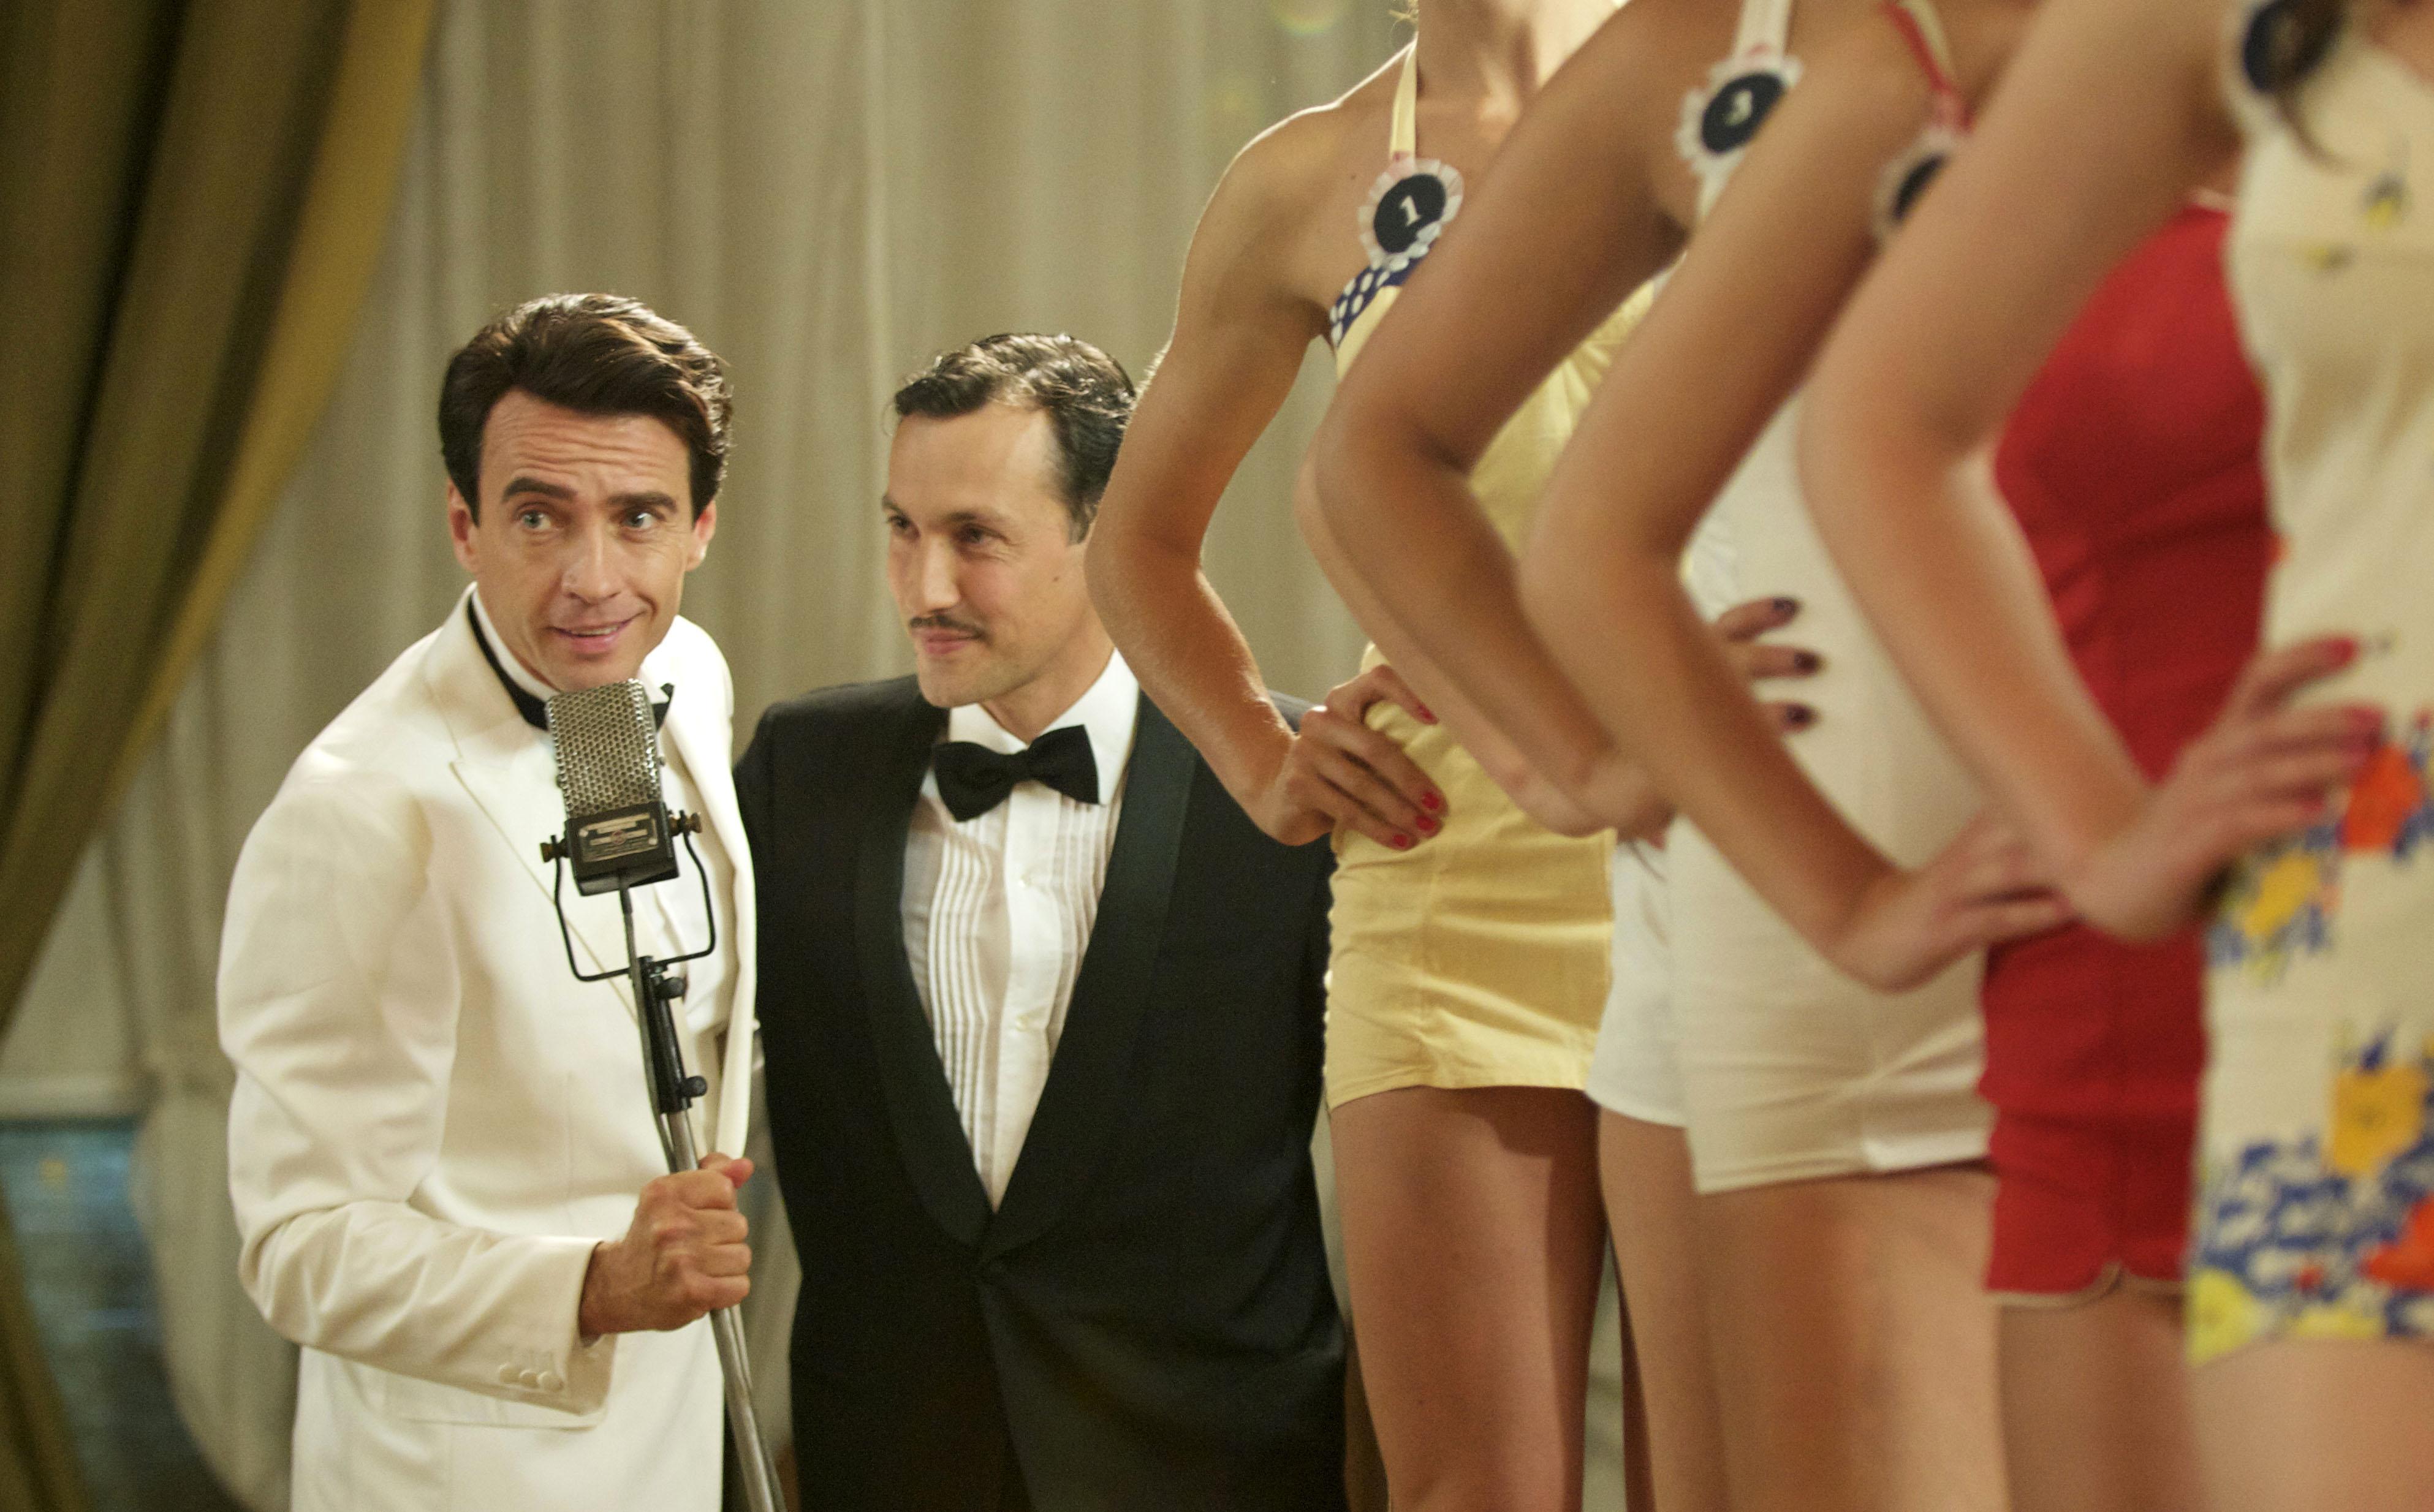 Ascolti tv domenica 26 febbraio 2012: Walter Chiari convince e vince